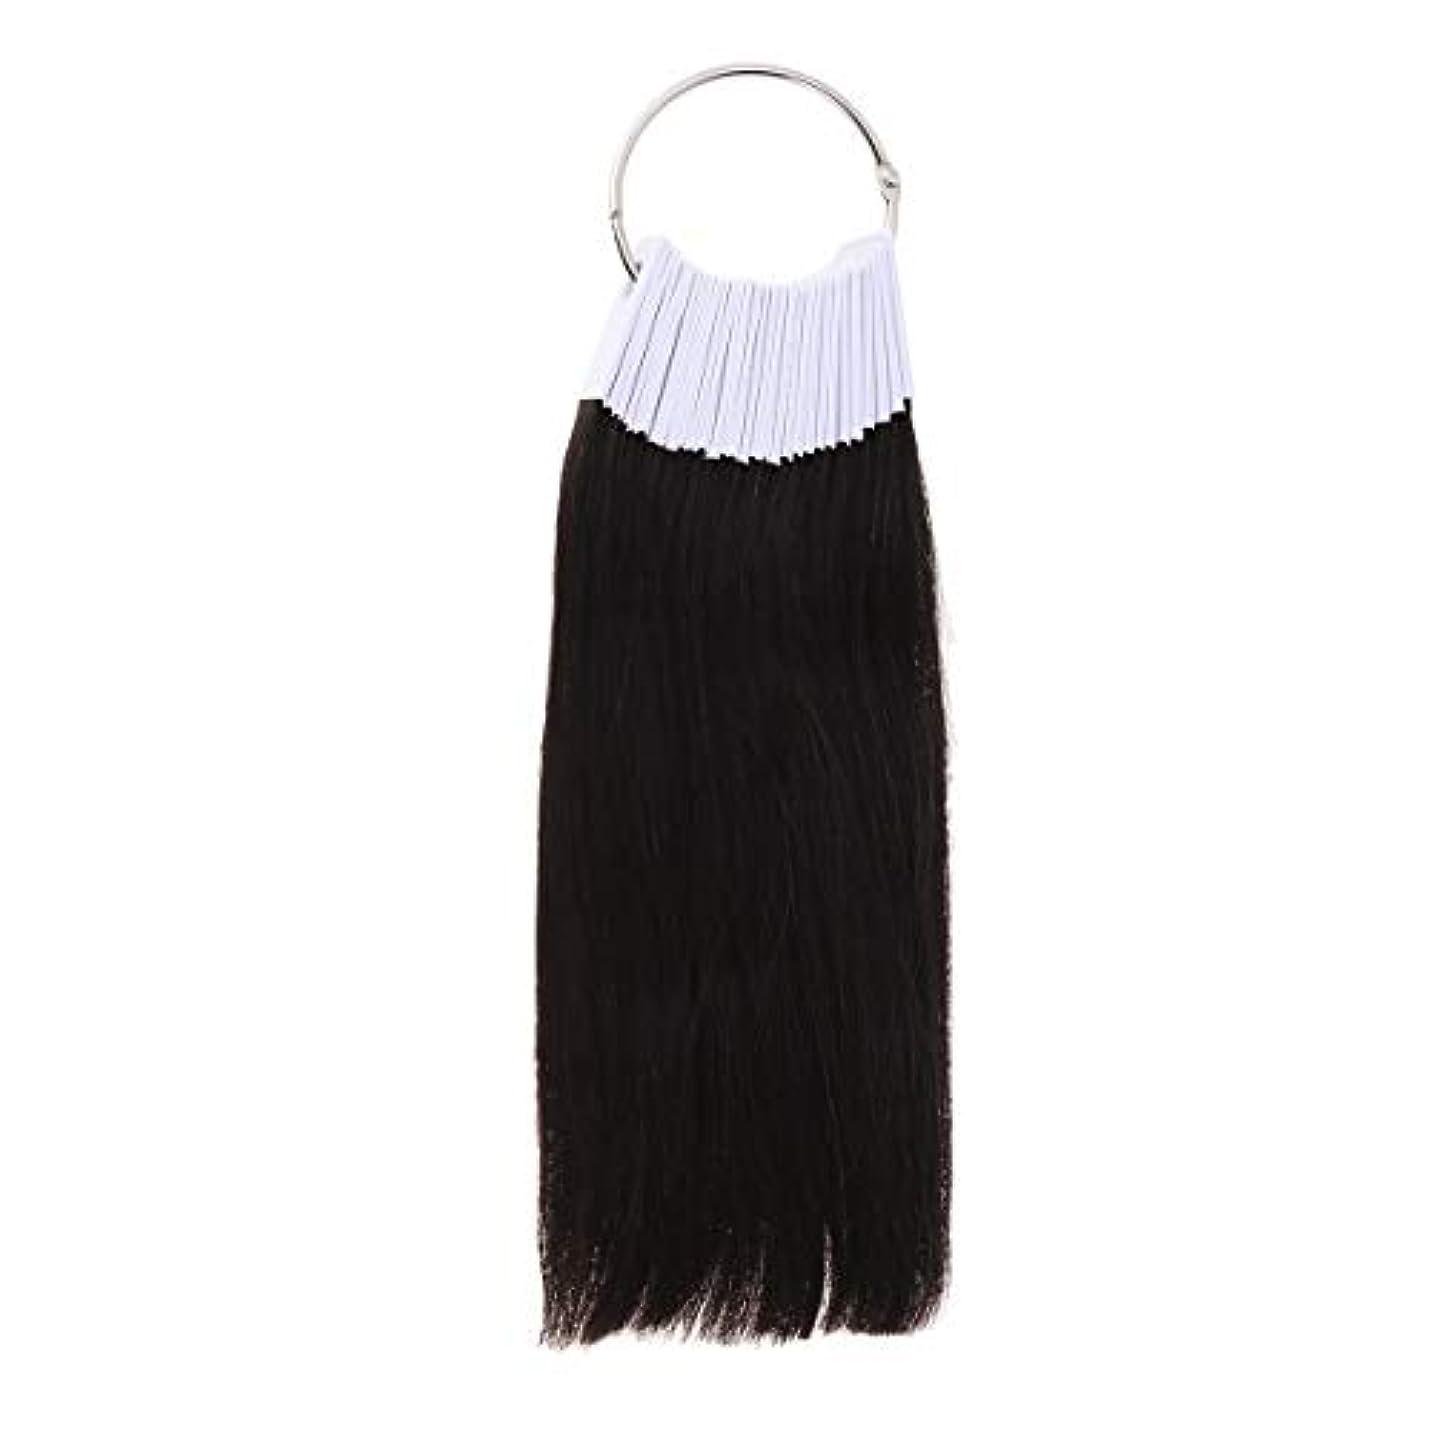 床を掃除する礼儀LURROSE 30PCSヘアカラーリング人間の髪の色見本サロン用カラーサンプル(9度色)